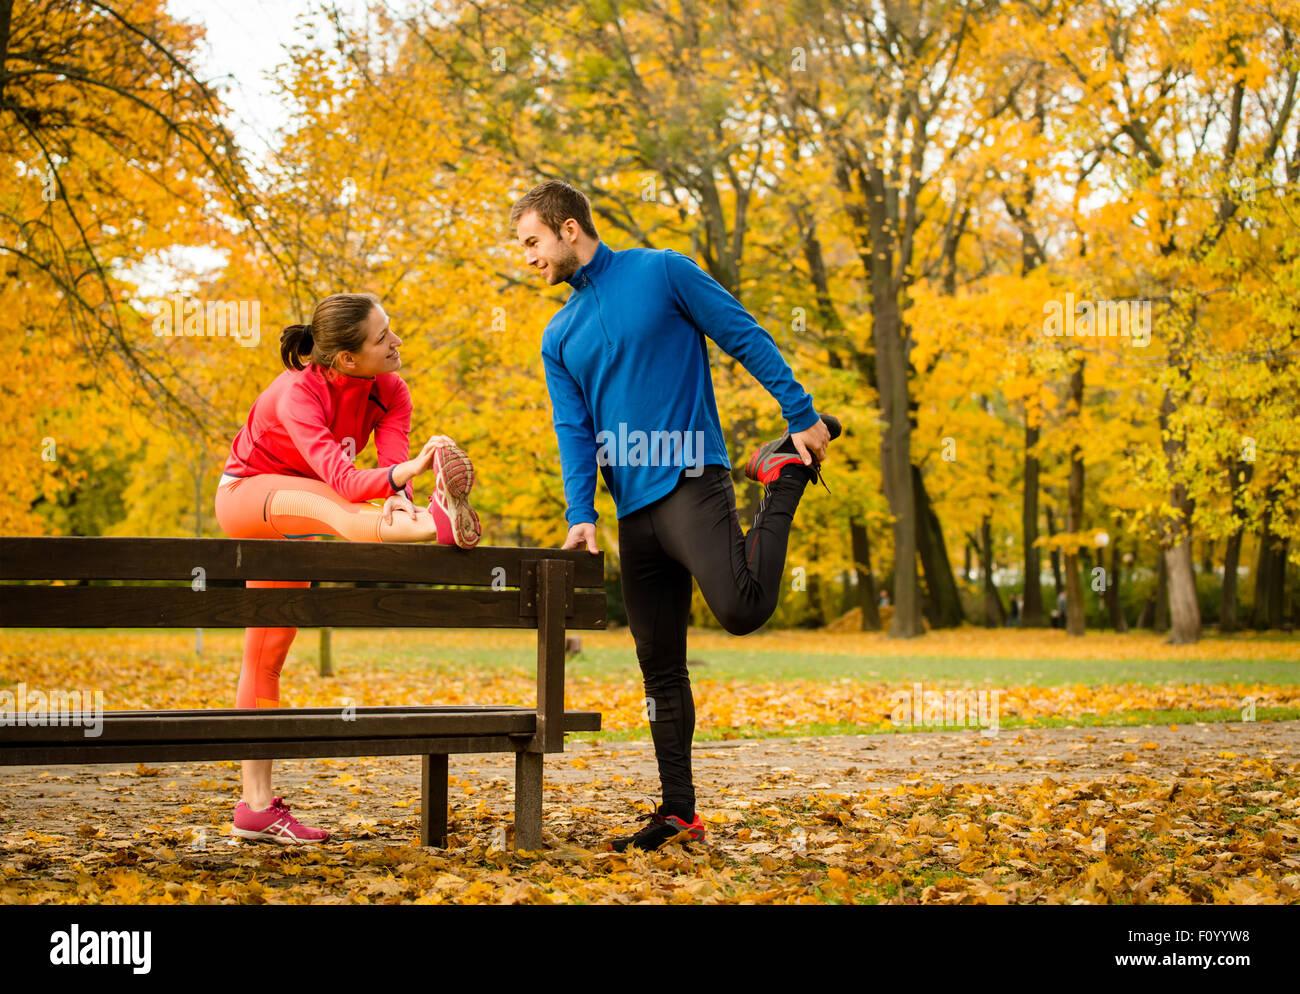 Pareja joven estirando los músculos en un banco antes de correr en otoño la naturaleza Imagen De Stock